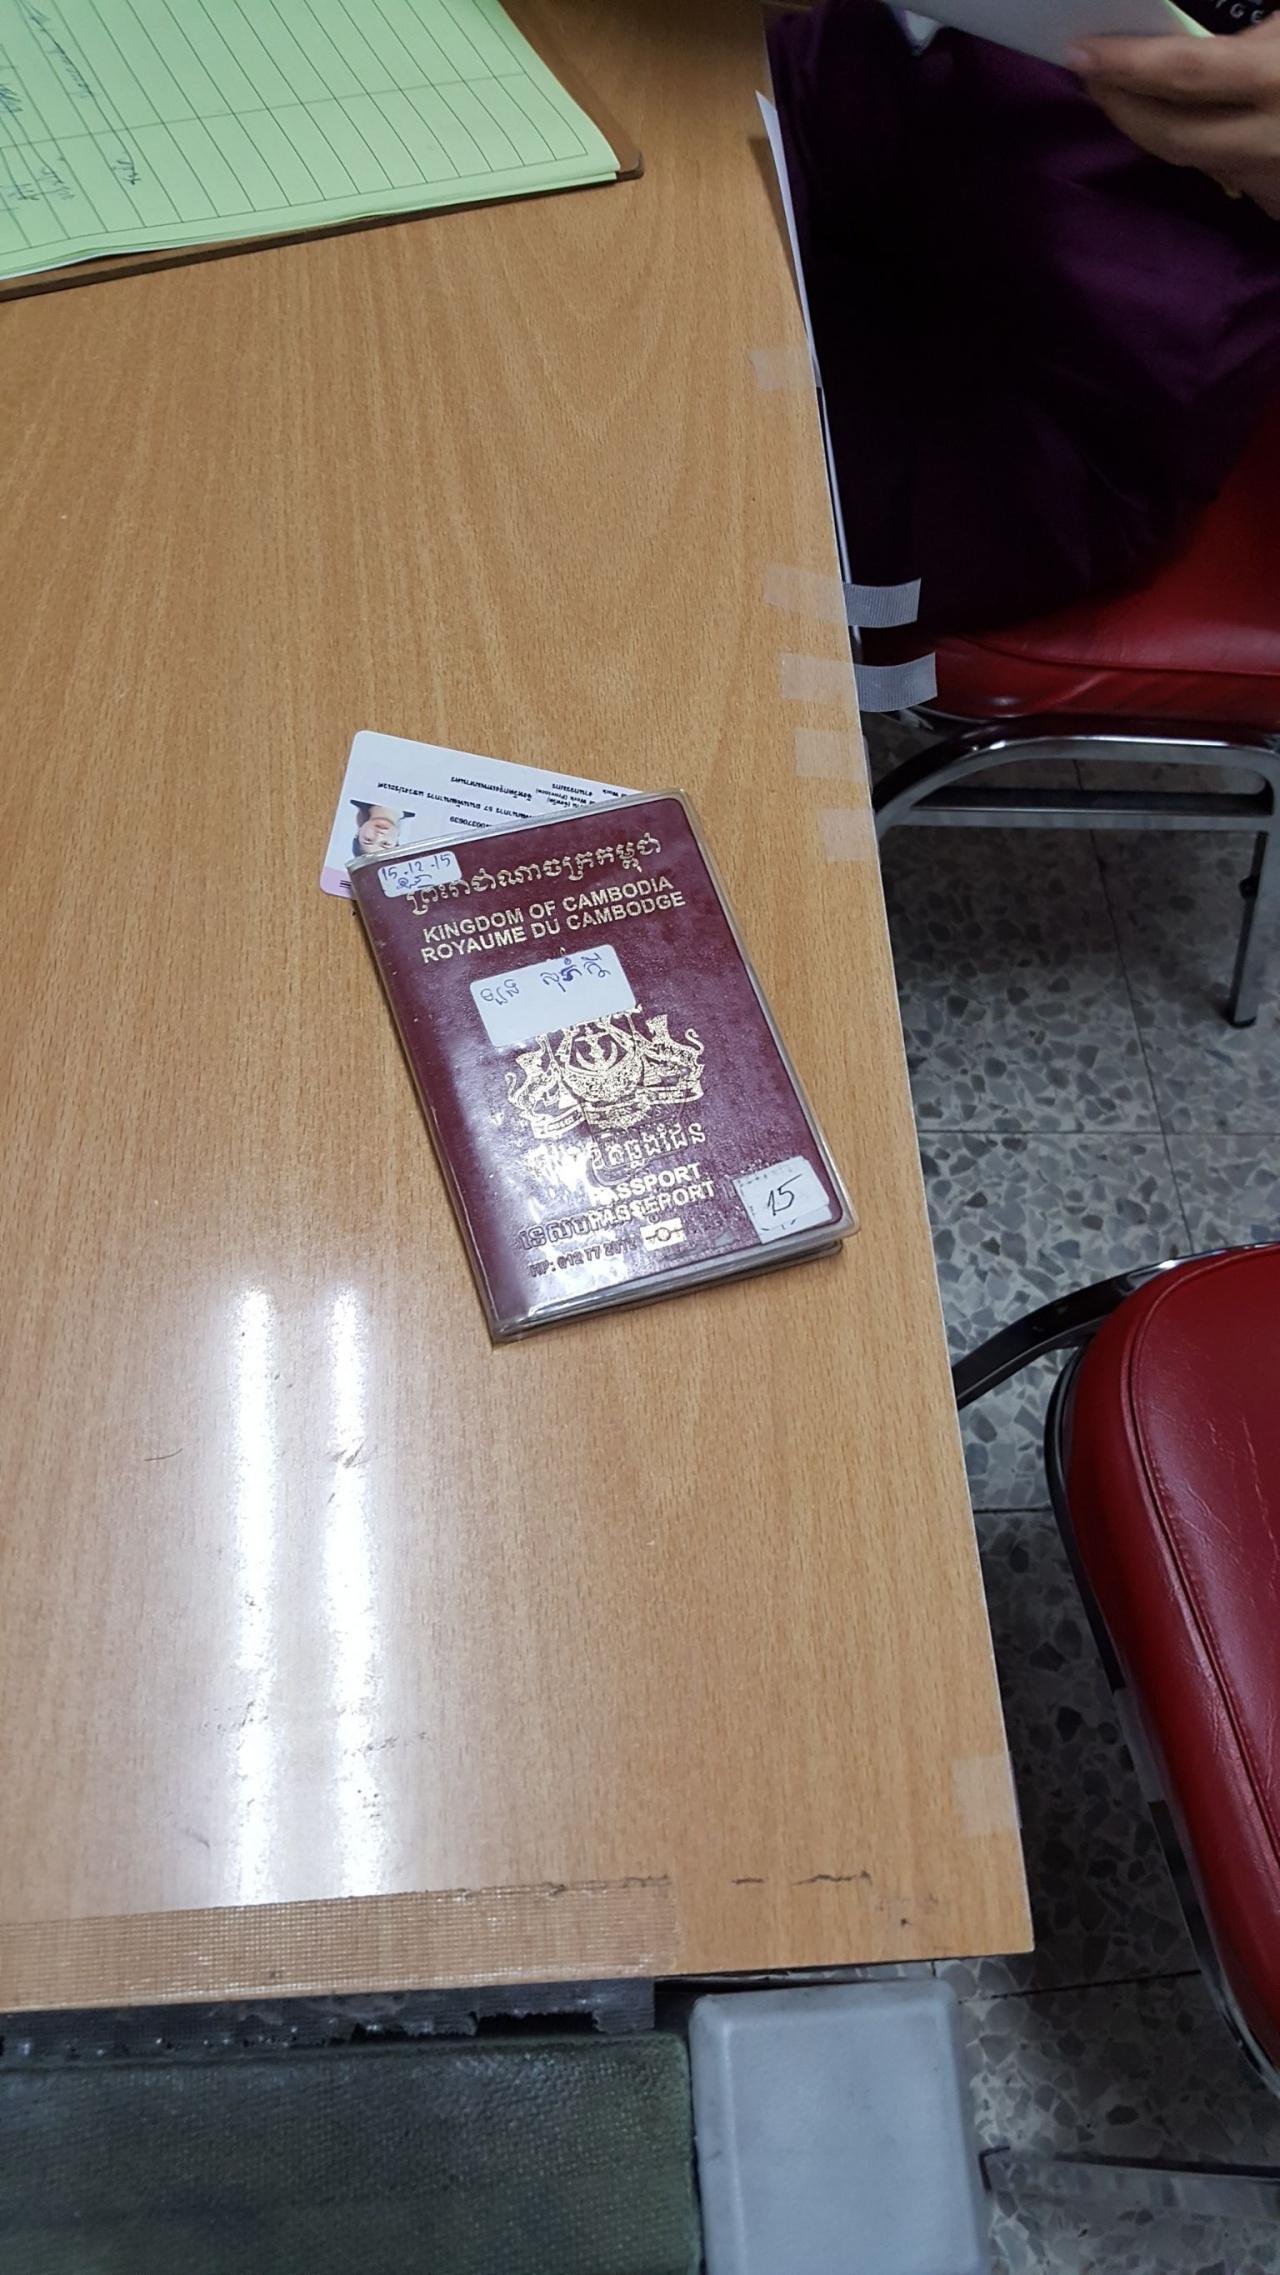 พาสปอร์ตของสาวกัมพูชาที่ใช้สำหรับออกบัตรประจำตัวผู้ป่วย